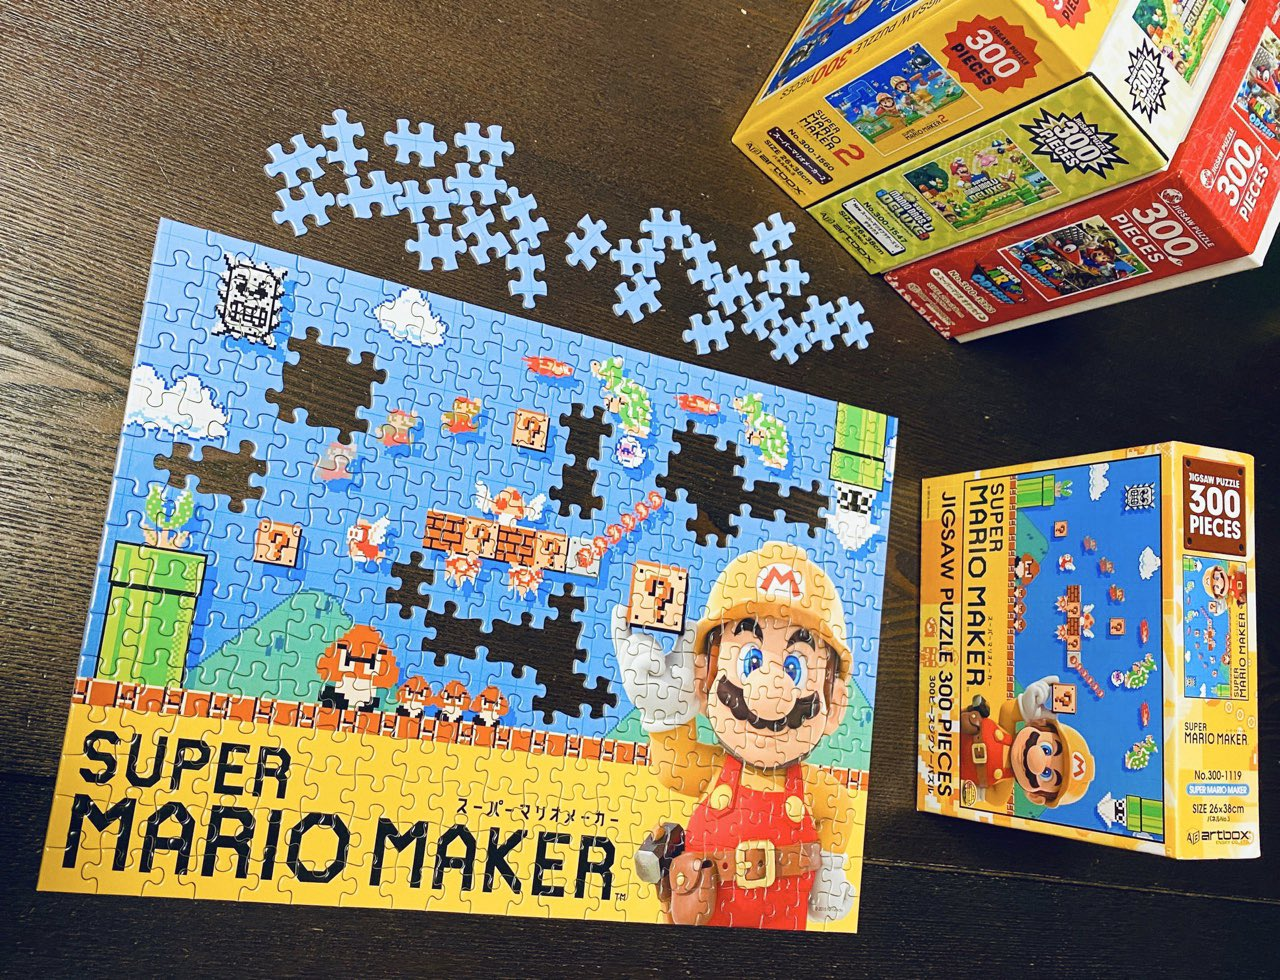 スーパーマリオメーカー ジグソーパズル 300ピース。家族で力を合わせてやってみたけどなかなか完成しない(;´∀`) https://t.co/15XwiK9os7